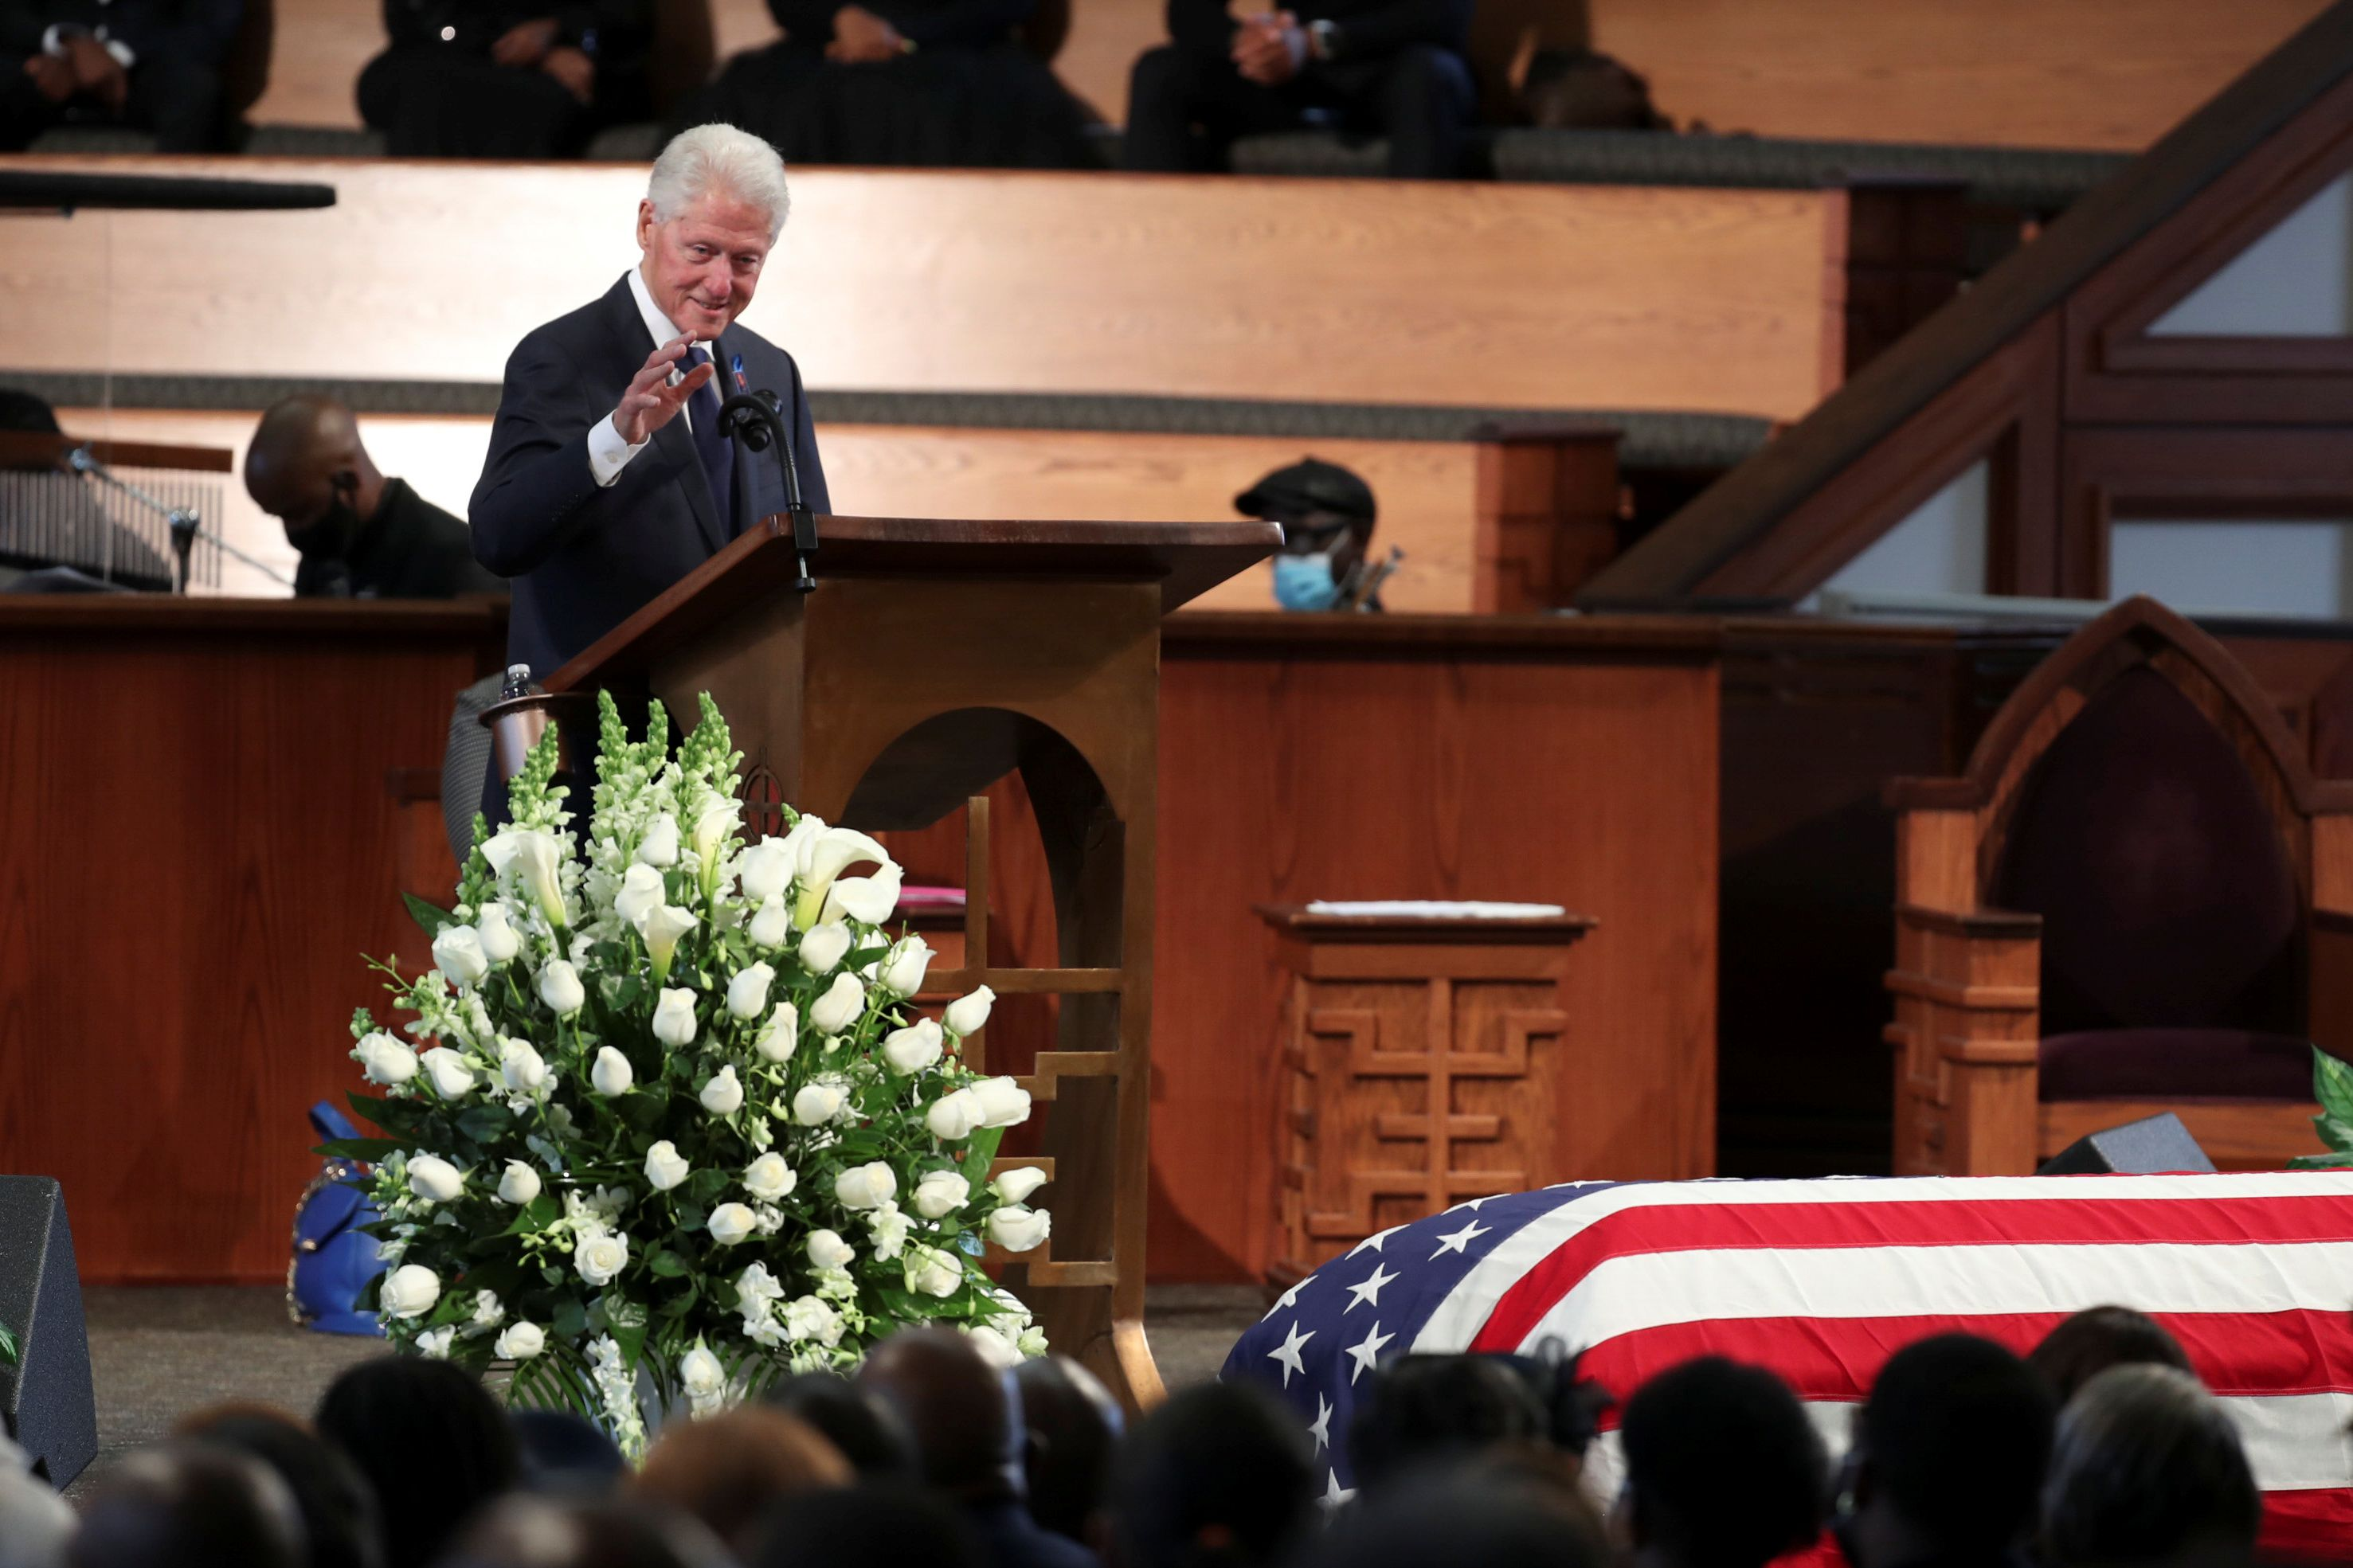 El ex presidente Bill Clinton también habló durante la ceremonia privada  (Alyssa Pointer/Pool via REUTERS)